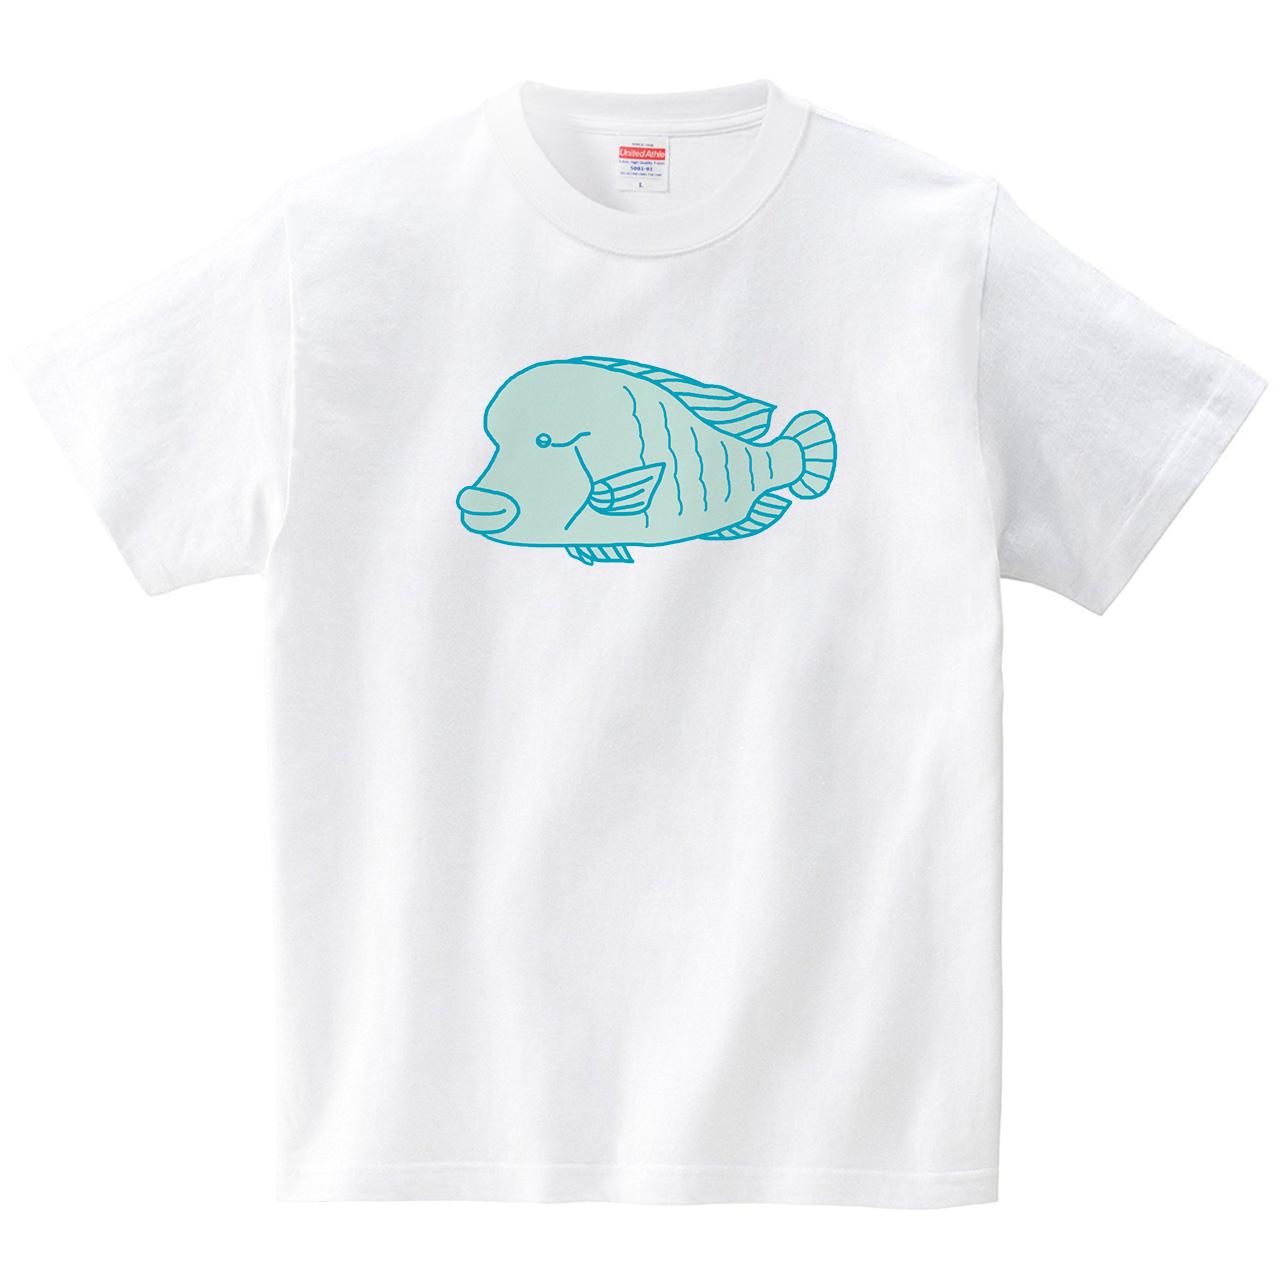 ナポレオンフィッシュ/メガネモチノウオ(Tシャツ・ホワイト)(あおまんぼう)